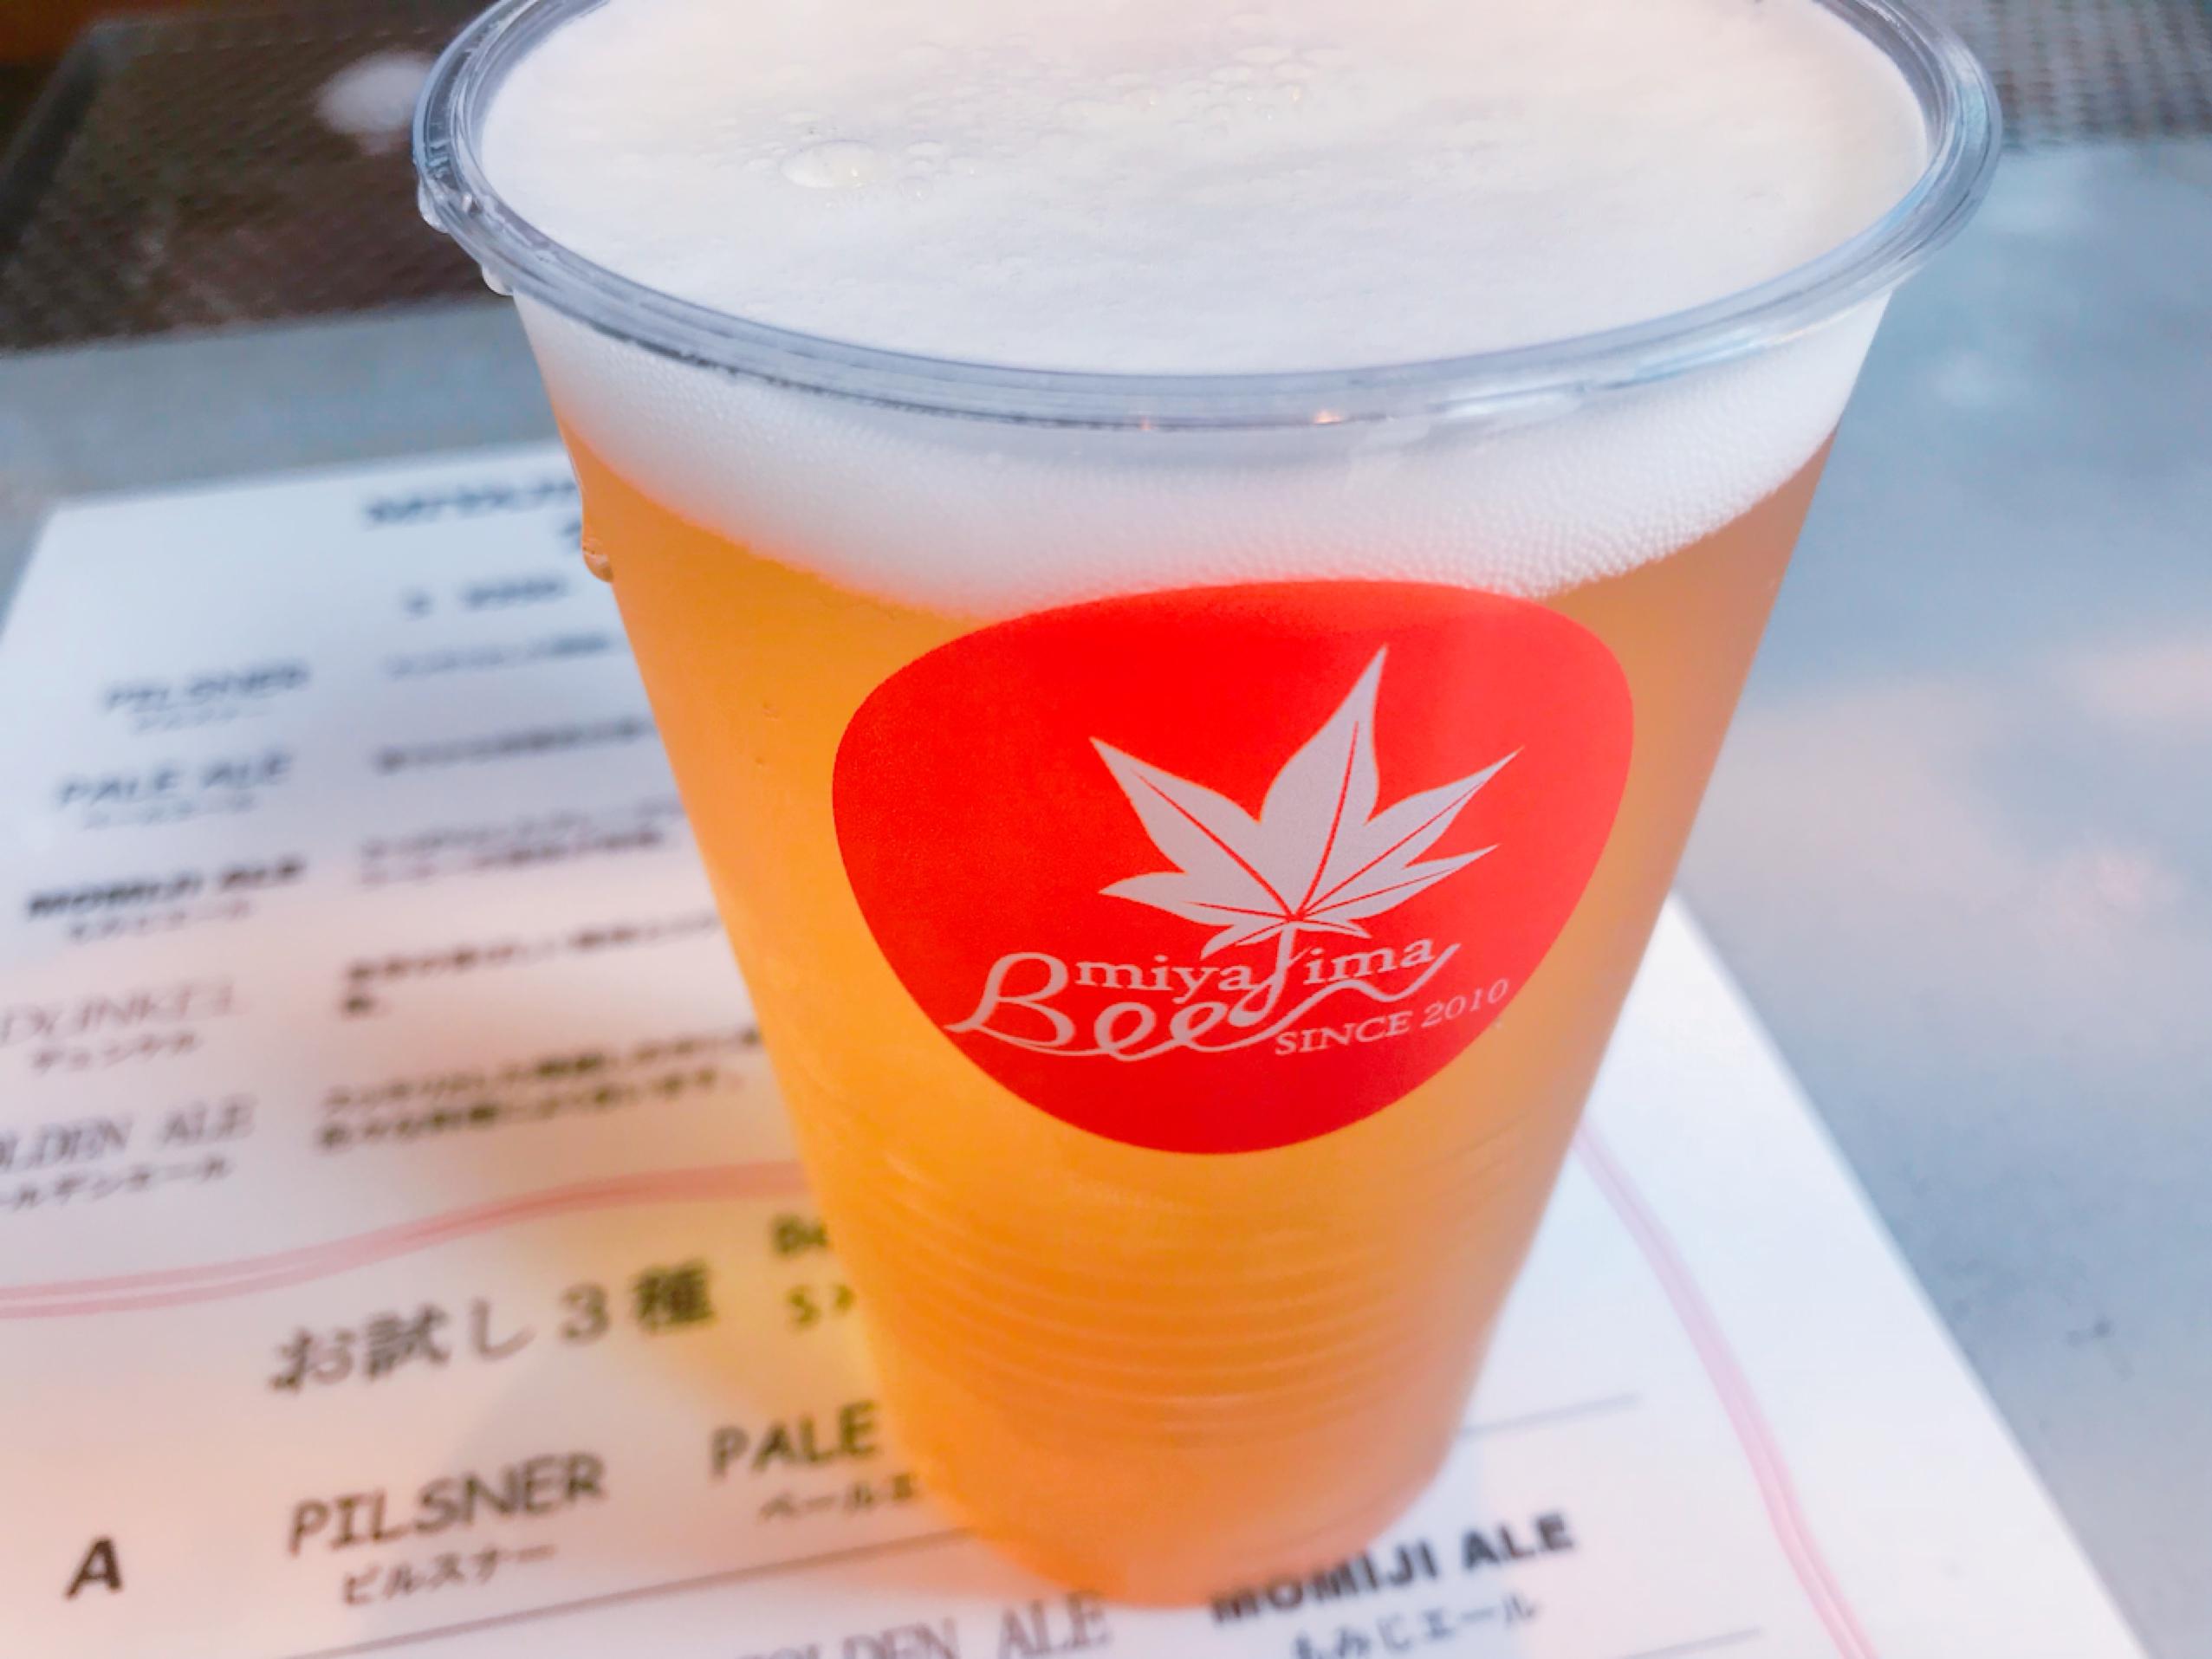 宮島唯一のビール醸造所「宮島ビール」がさいっこー!